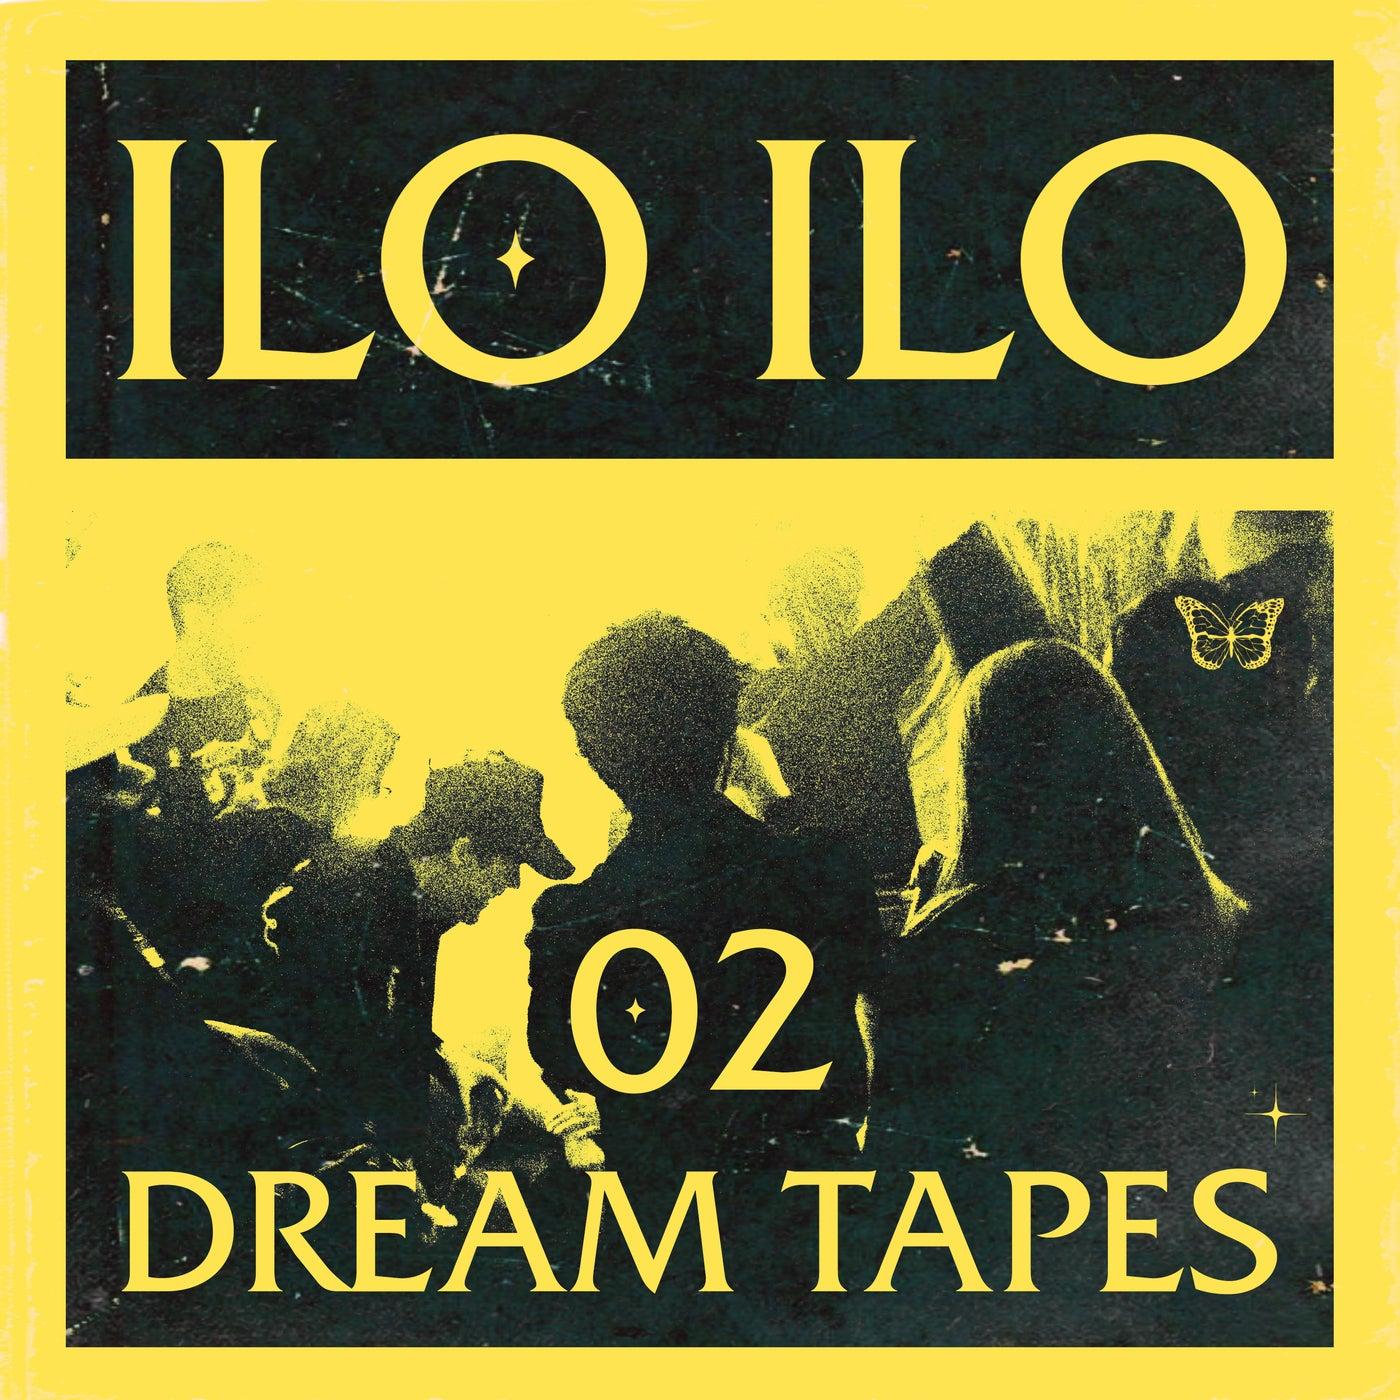 Ilo Ilo - Dream Tapes 02 (2021) [FLAC] Download